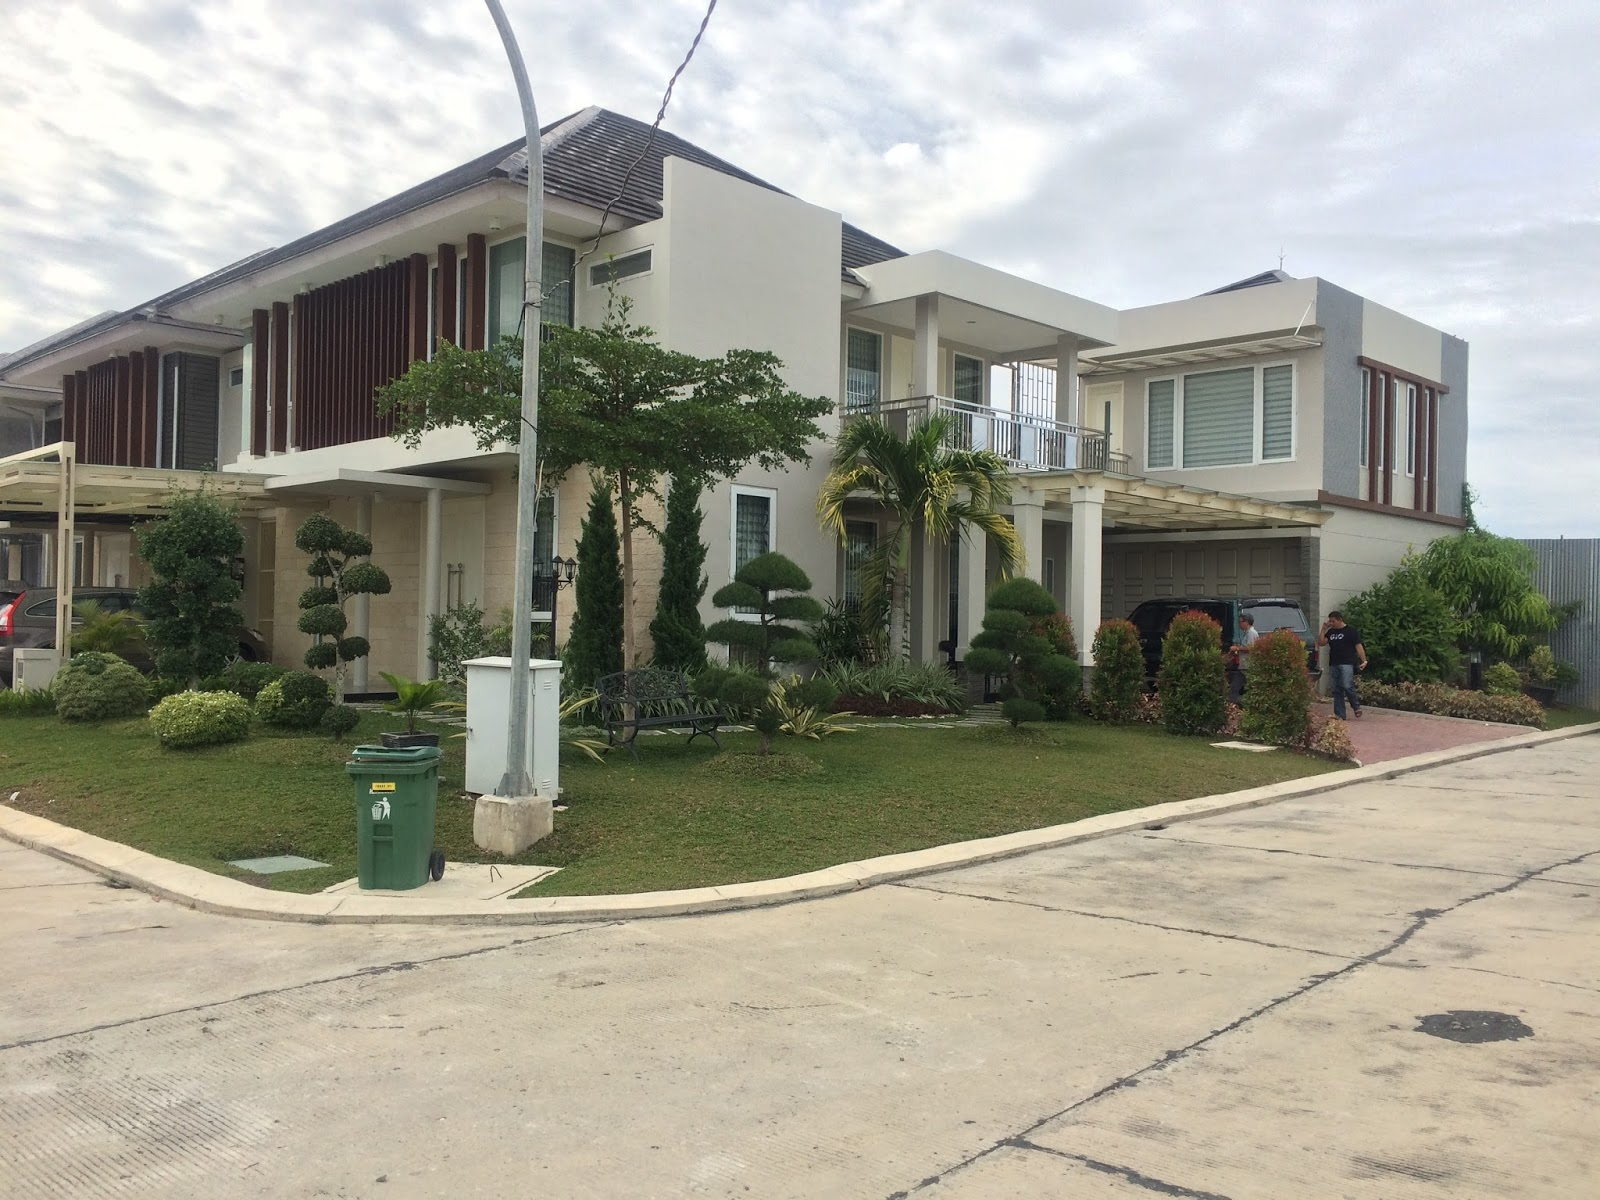 Dijual Rumah Mewah Hook Komplek Citraland Pekanbaru Property Harga Jual